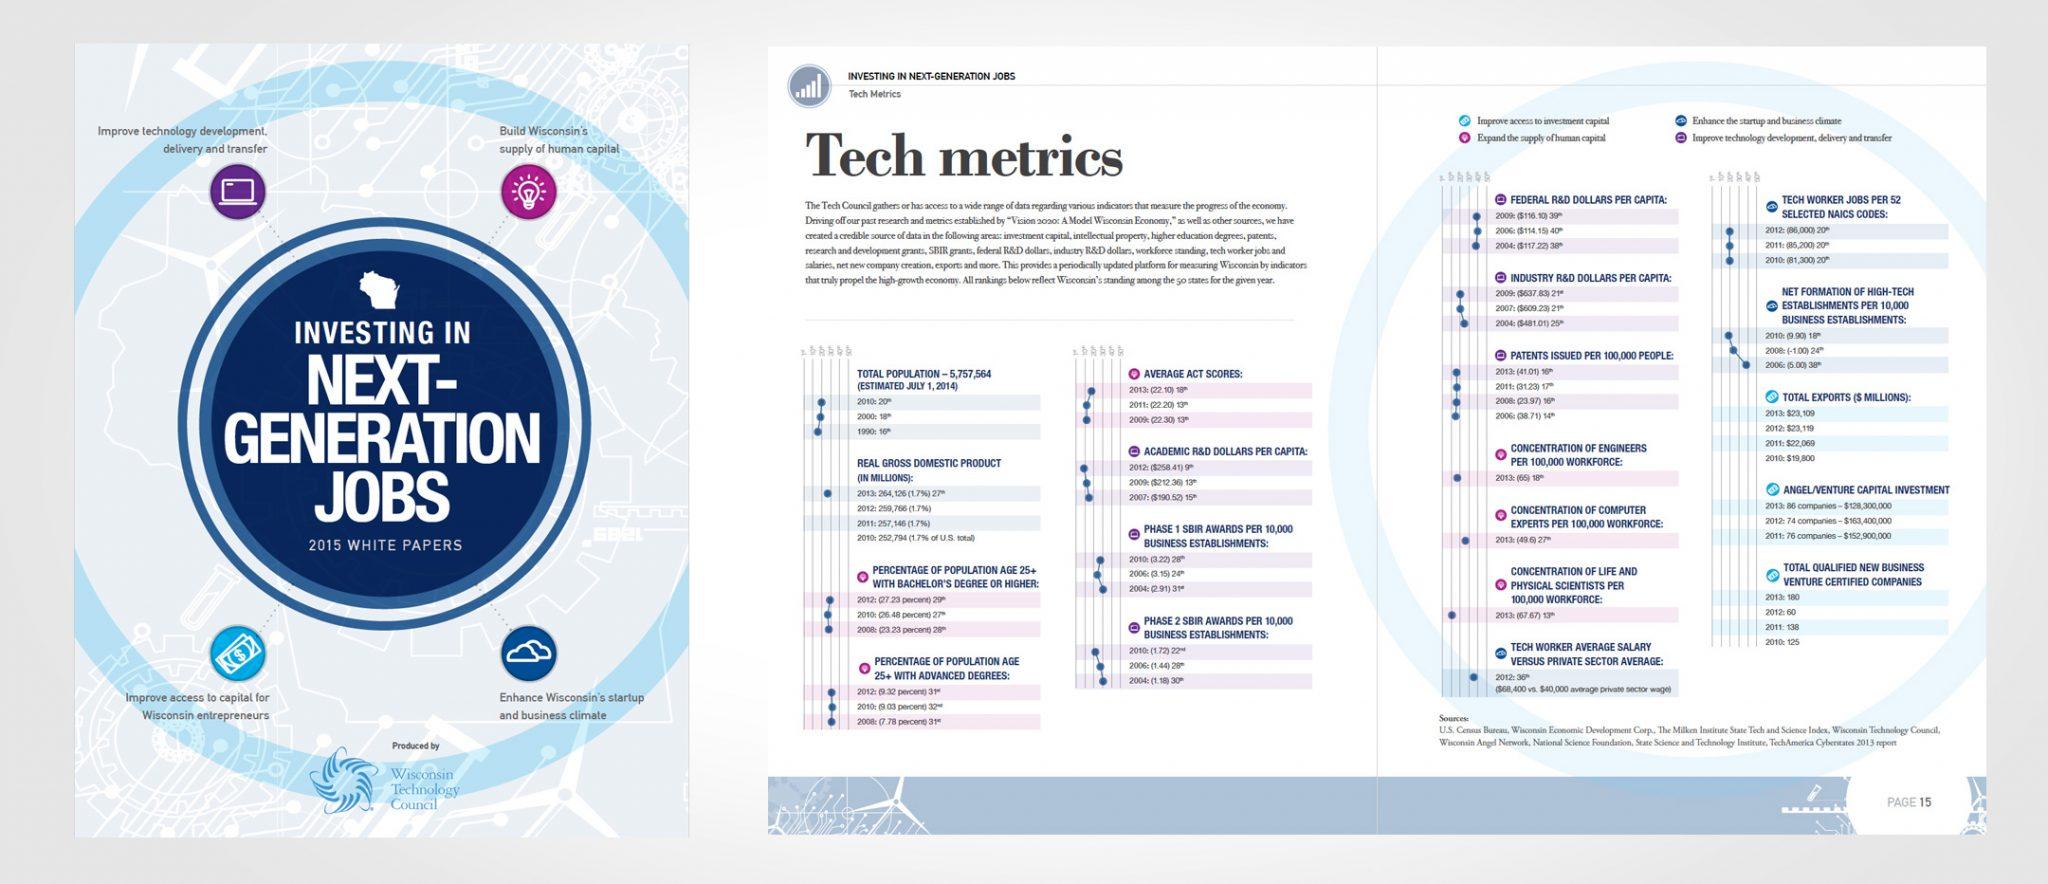 NextGen Jobs white paper design